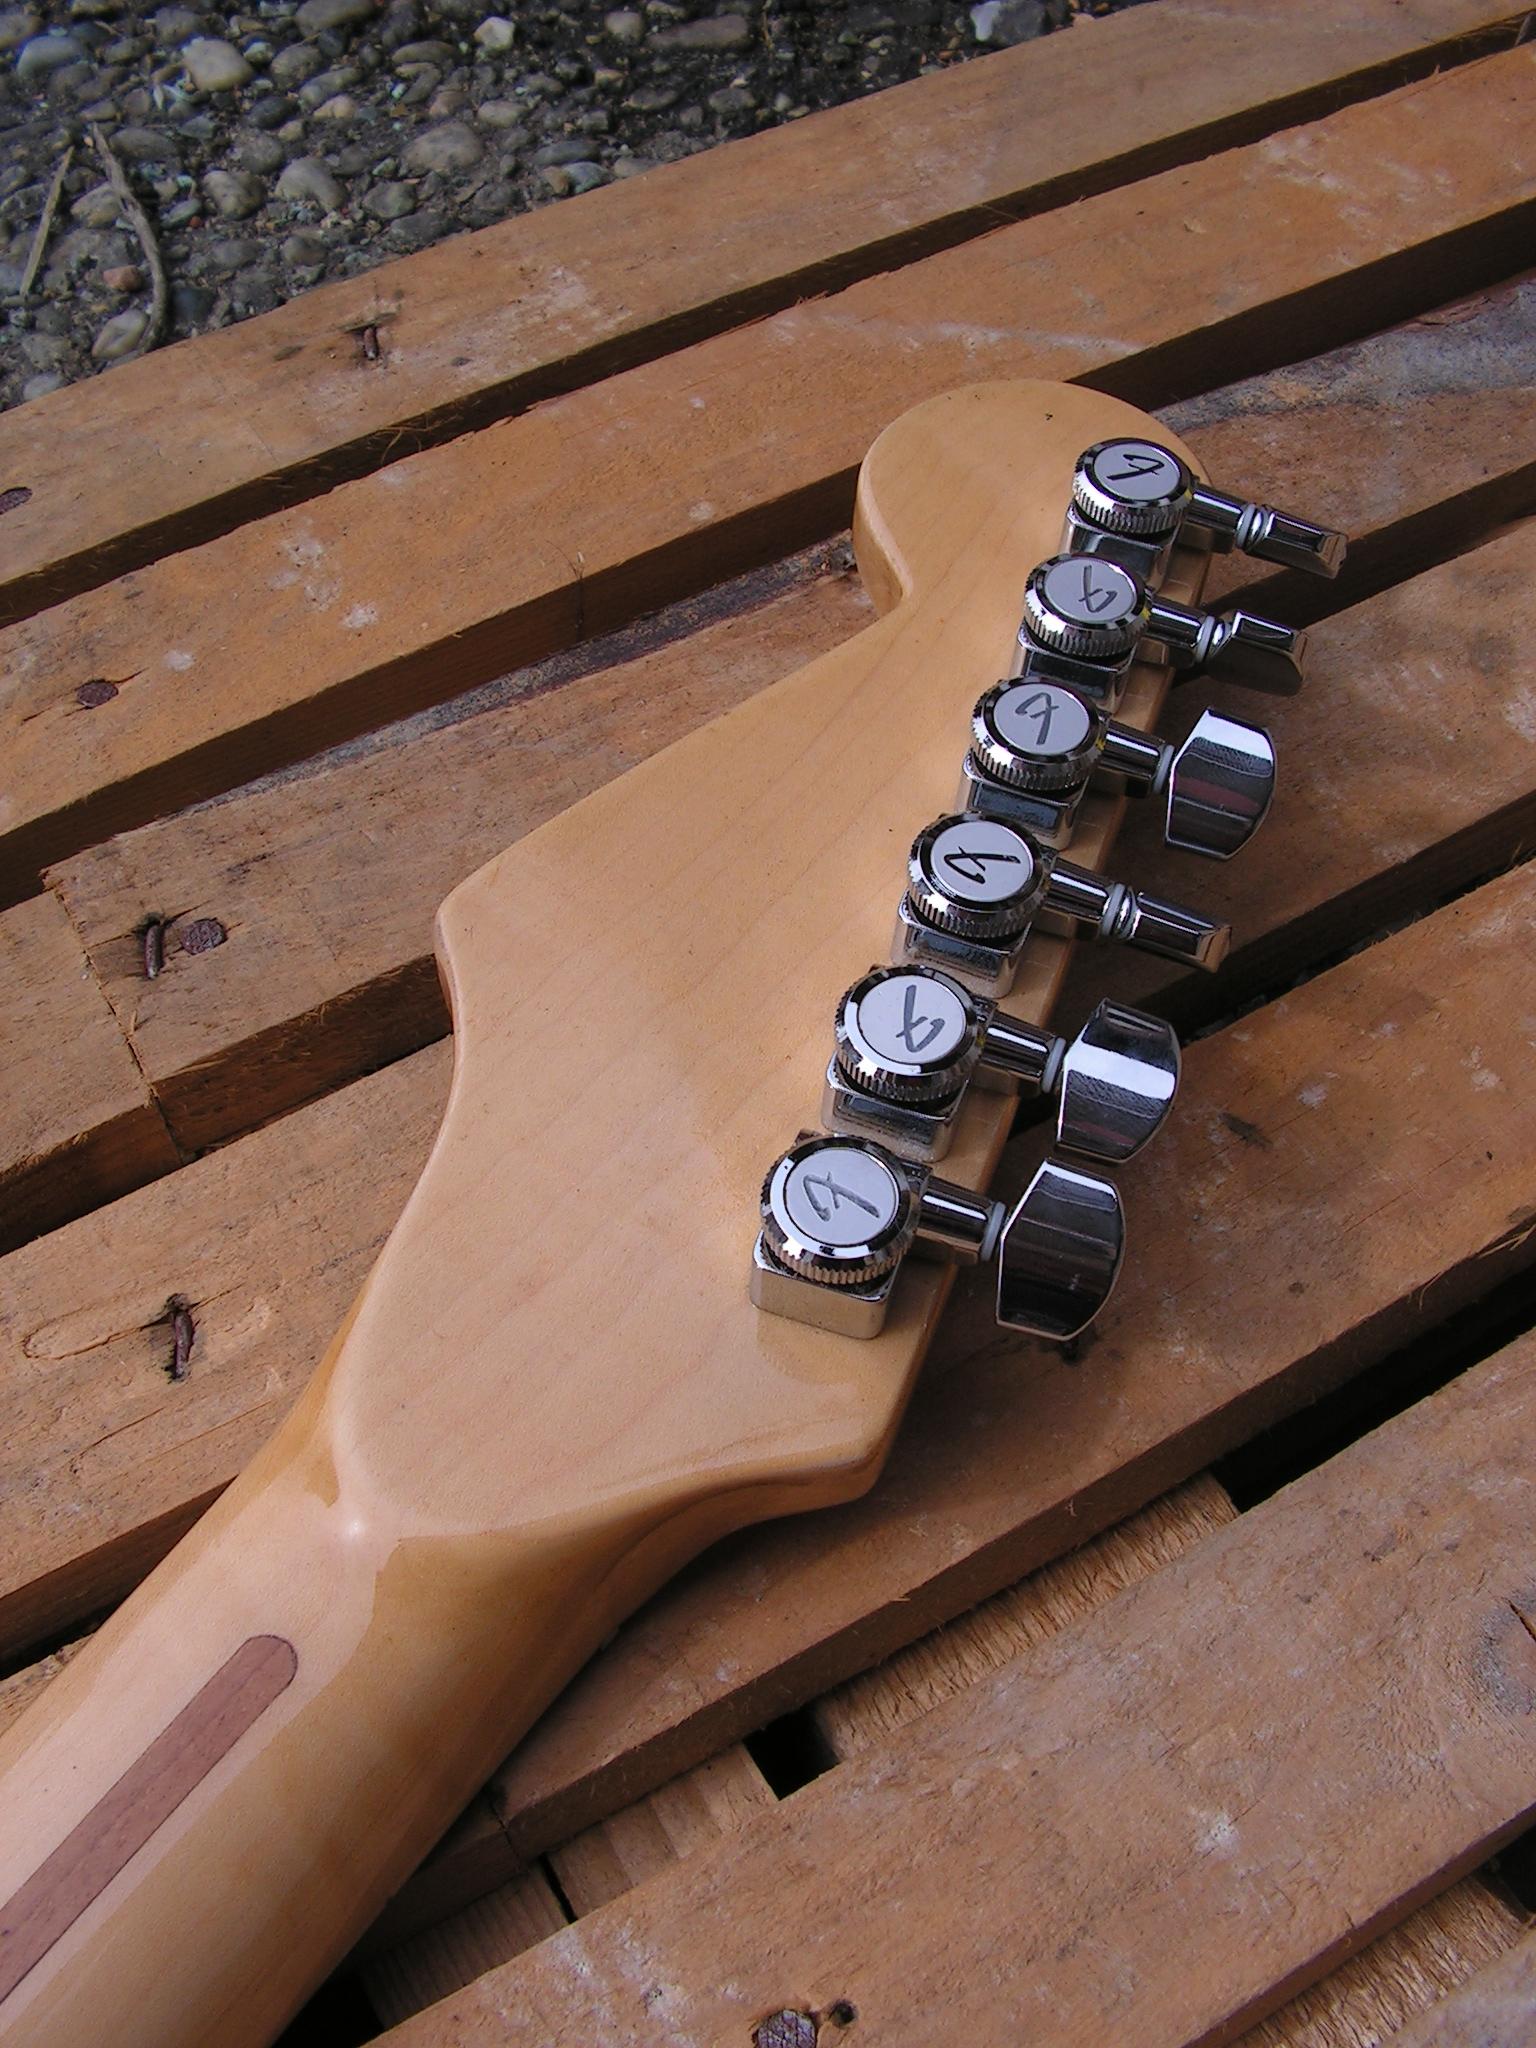 Retro della paletta in acero di una chitarra Stratocaster con due humbucker